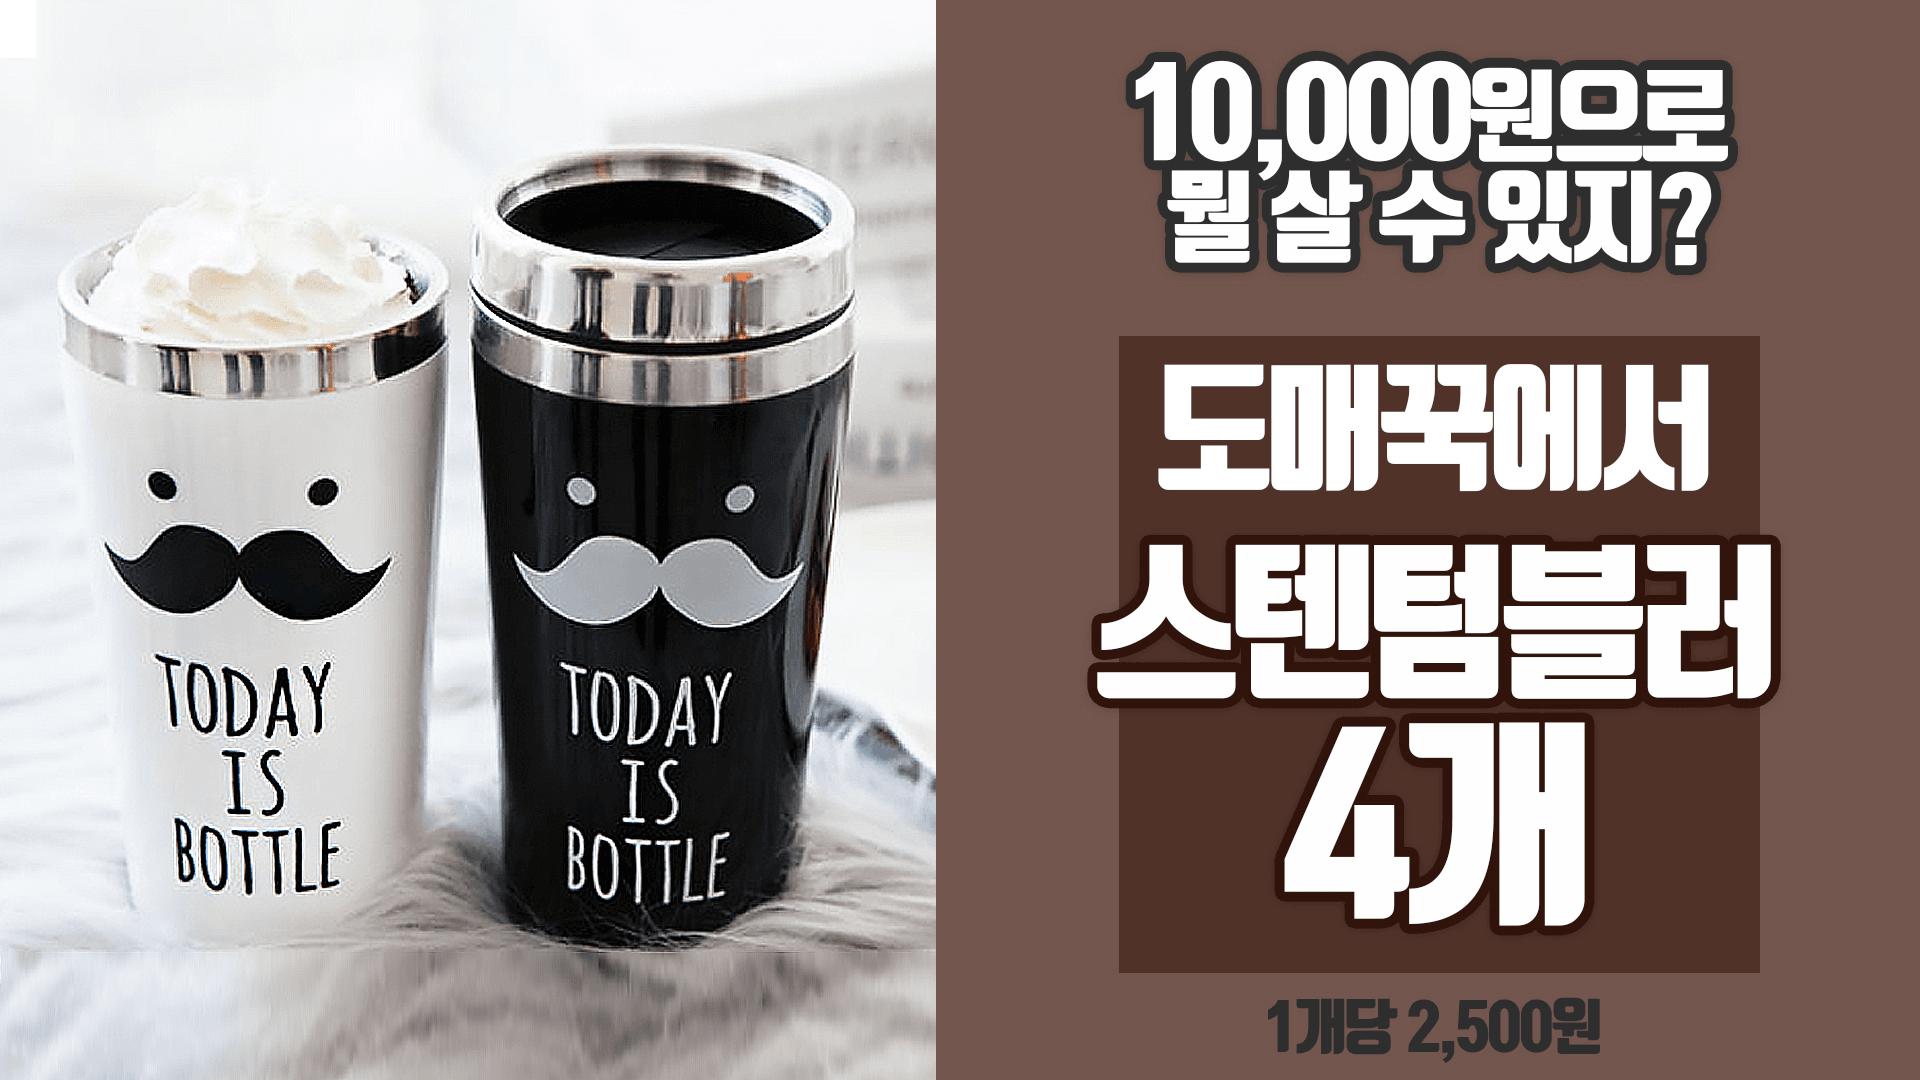 고급 텀블러 / 콜드컵 보틀 스테인리스 보온병 답례품